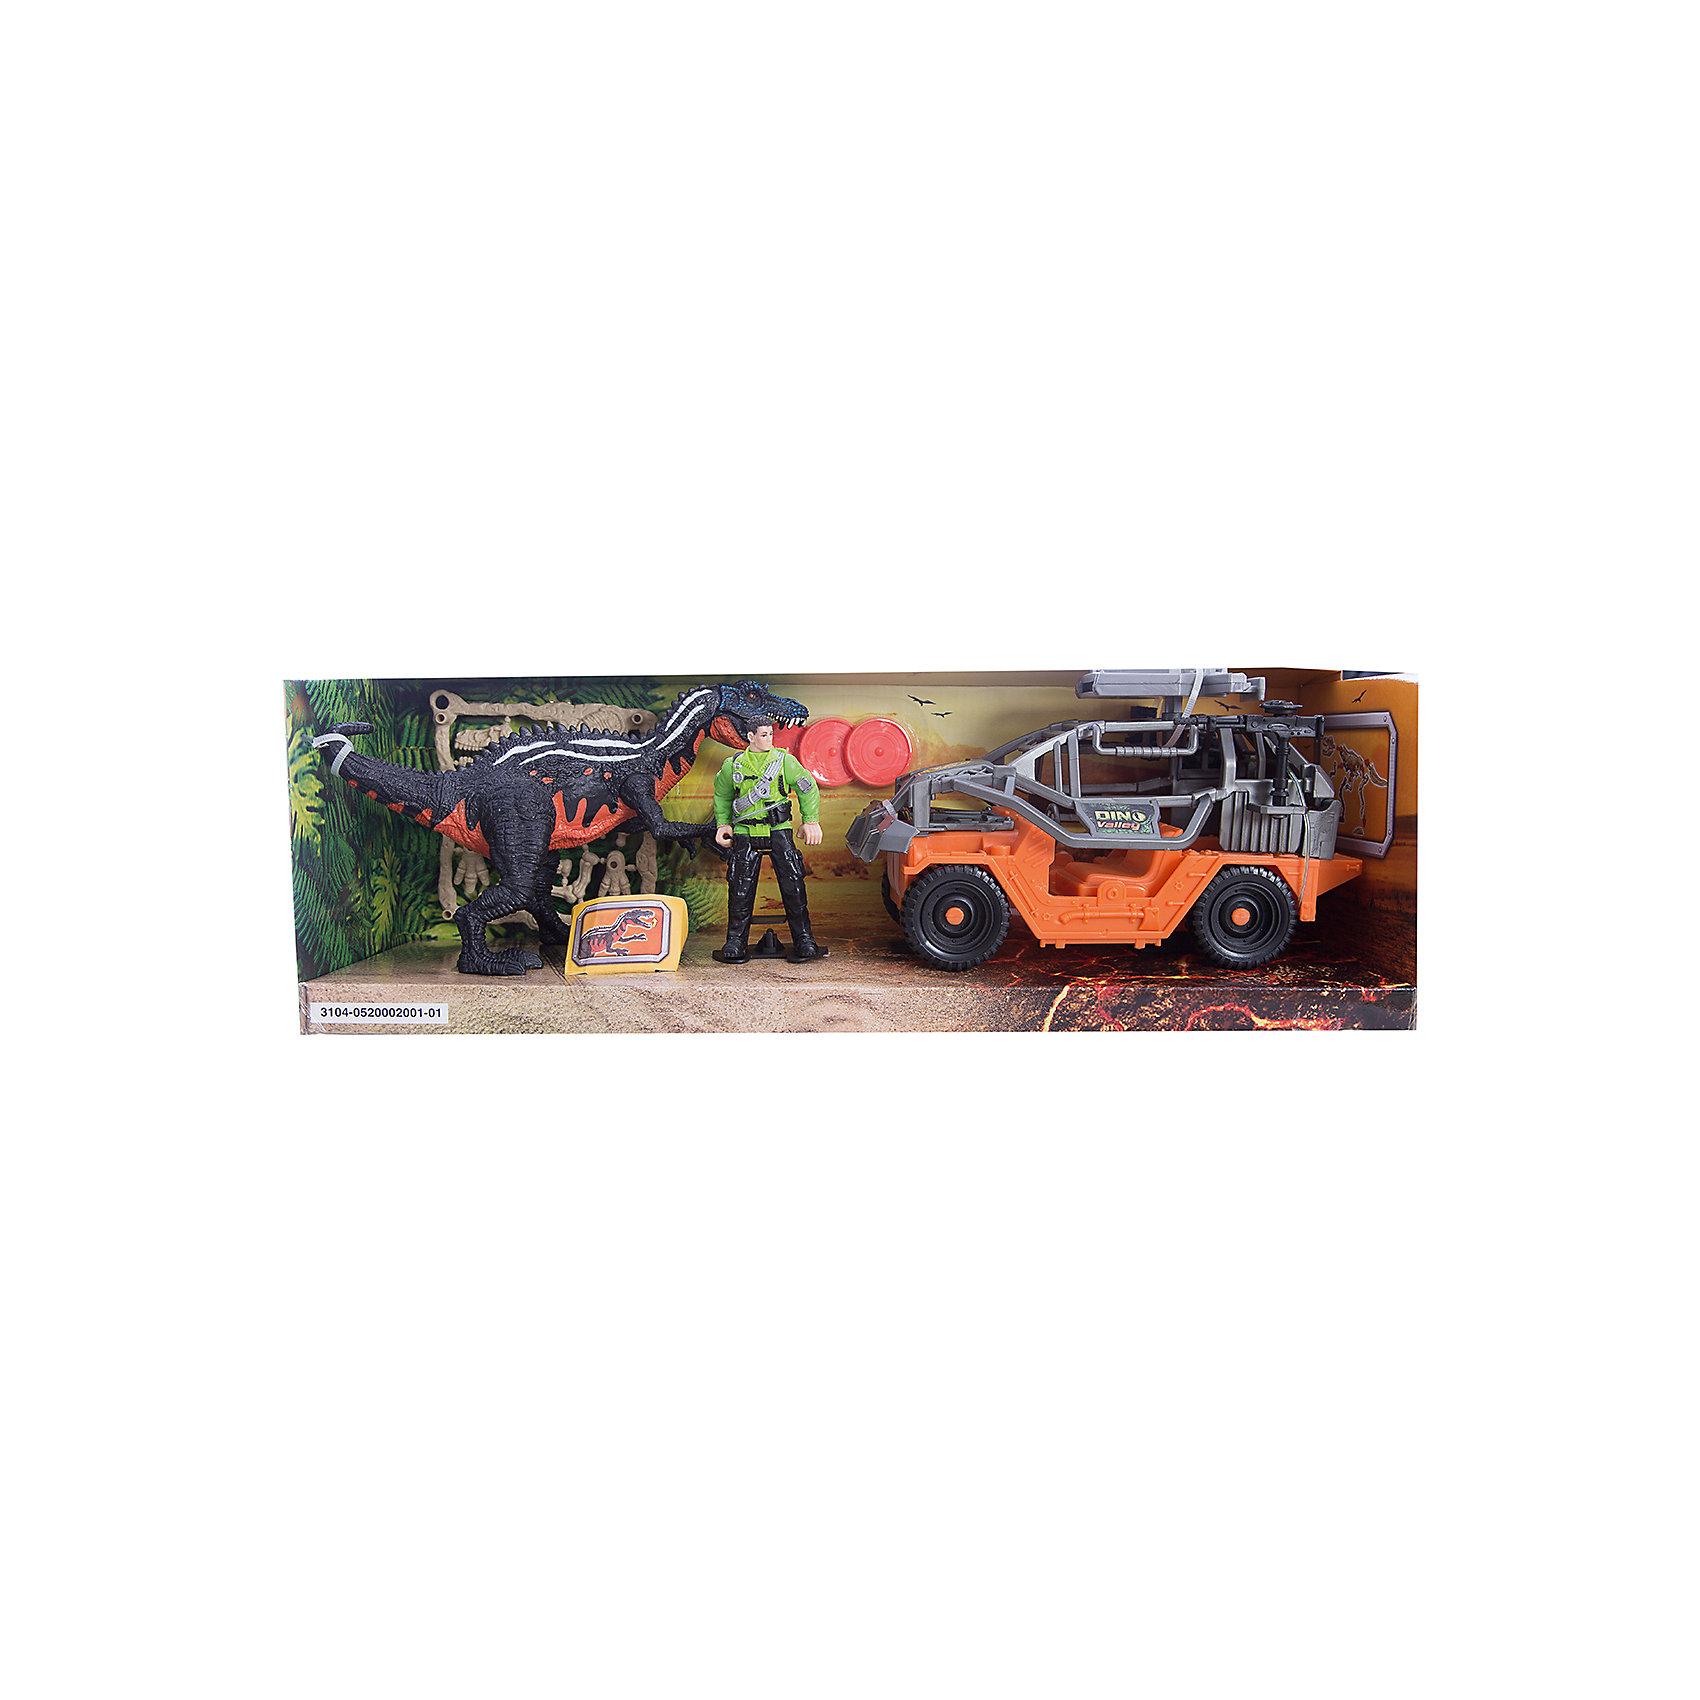 Игровой набор Динозавр Барионикс и охотник на джипе, Chap MeiДинозавры и драконы<br>Игровой набор Динозавр Барионикс и охотник на джипе, Chap Mei.<br><br>Характеристики:<br><br>- В наборе: 2 фигурки, джип с орудием, аксессуары, 3 диска для стрельбы<br>- Высота фигурки охотника: 10 см.<br>- Длина джипа: 21 см.<br>- Материал: пластик<br>- Упаковка: картонная коробка открытого типа<br>- Размер упаковки: 45 х 14 х 15 см.<br><br>Игровой набор Chap Mei Динозавр Барионикс и охотник на джипе непременно придется по душе вашему малышу и отлично подойдет для сюжетно-ролевых игр. Голова фигурки охотника поворачивается, руки и ноги двигаются. У фигурки динозавра подвижные конечности, пасть открывается. Фигурка охотника легко помещается в мощный джип. У машины большие ребристые колеса со свободным ходом. Верх кабины дополнен пушкой, которая стреляет дисками. В наборе имеются три диска для орудия. Игровой набор способствует развитию у ребенка мелкой моторики, хватательного рефлекса, осязания и координации движений. Игрушка разовьет интерес ребенка к изучению живого мира нашей планеты.<br><br>Игровой набор Динозавр Барионикс и охотник на джипе, Chap Mei можно купить в нашем интернет-магазине.<br><br>Ширина мм: 45<br>Глубина мм: 13<br>Высота мм: 15<br>Вес г: 731<br>Возраст от месяцев: 36<br>Возраст до месяцев: 2147483647<br>Пол: Мужской<br>Возраст: Детский<br>SKU: 5055431